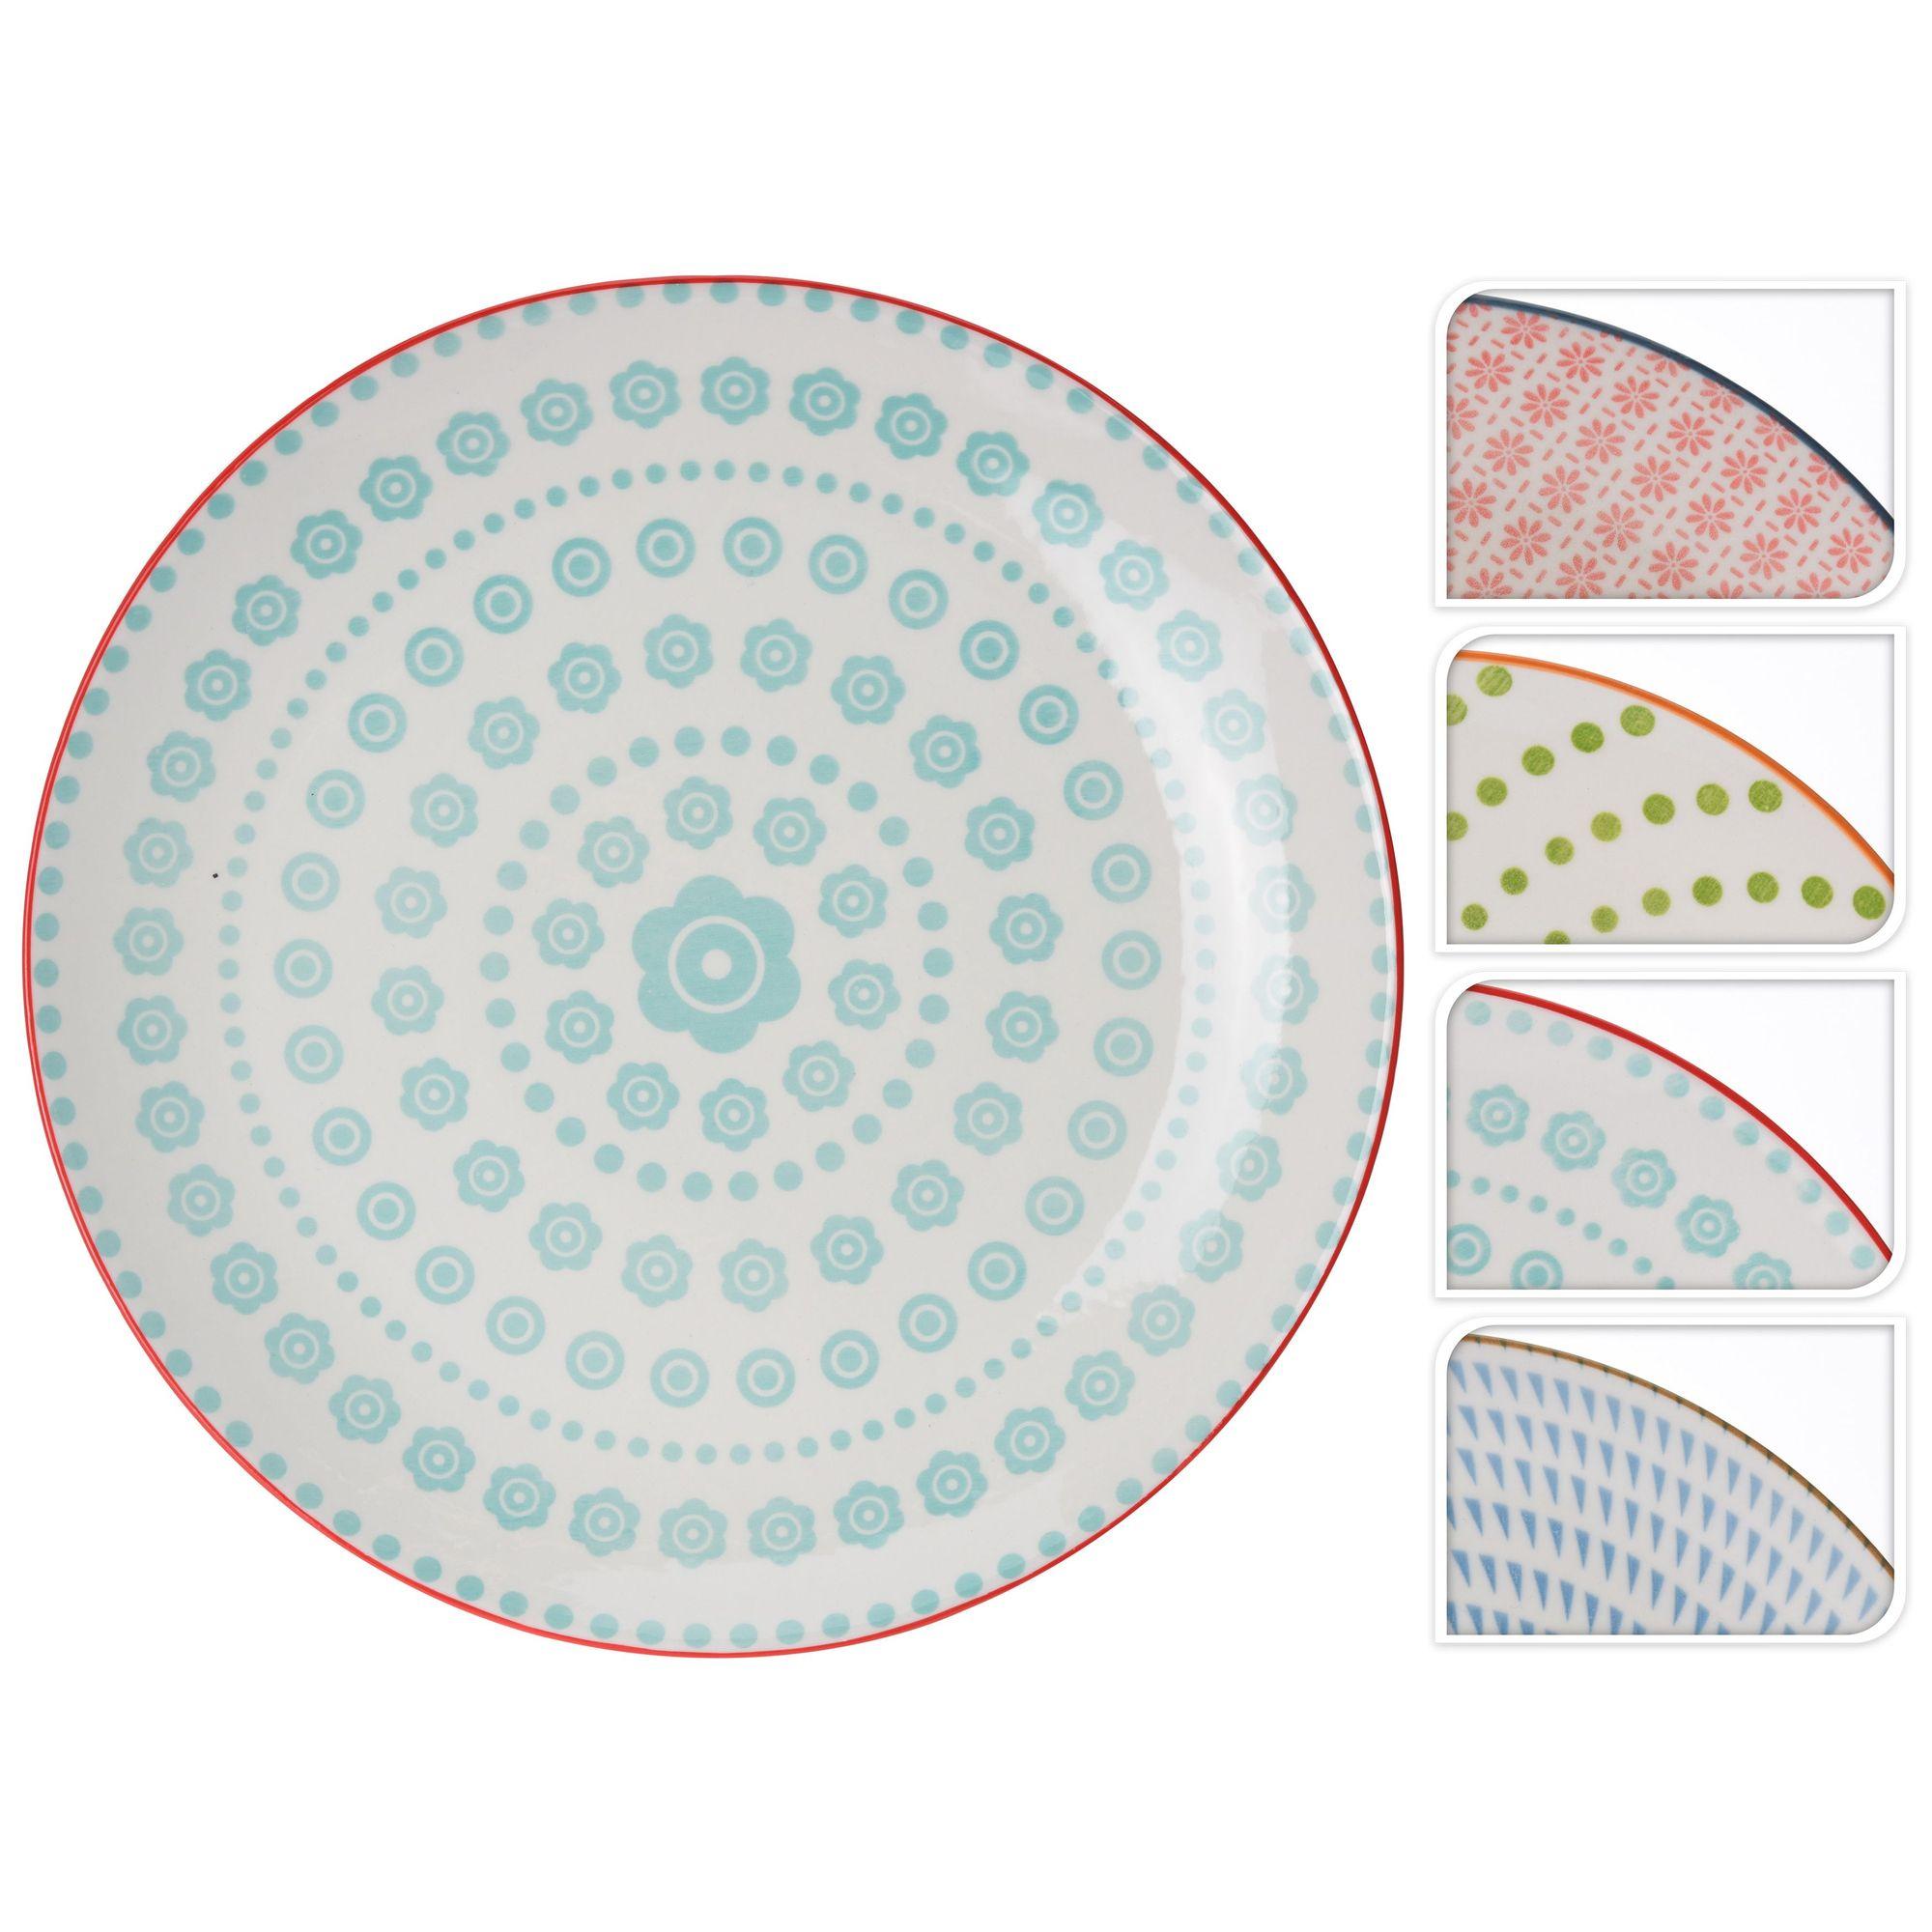 Тарелка в ассортиментеОбеденная тарелка станет повседневным предметом, необходимым на кухне у хозяйки. Этот элемент домашней утвари прекрасно подойдет и для праздничной сервировки так как выполнен в привлекательном современном дизайне. Круглая тарелка 28 см в ассортименте имеет подходящий размер в диаметре, она идеально впишется в оформление, станет незаменимой среди прочих предметов.Непритязательный стиль исполнения этой универсальной тарелки бренда Экселент Хаусвейр, удобная для использования форма и качественные материалы изготовления найдут поклонниц не только среди любительниц классики. Хорошие эксплуатационные характеристики обеспечат оптимальный срок службы. Данное изделие оценит даже требовательный потребитель.<br>